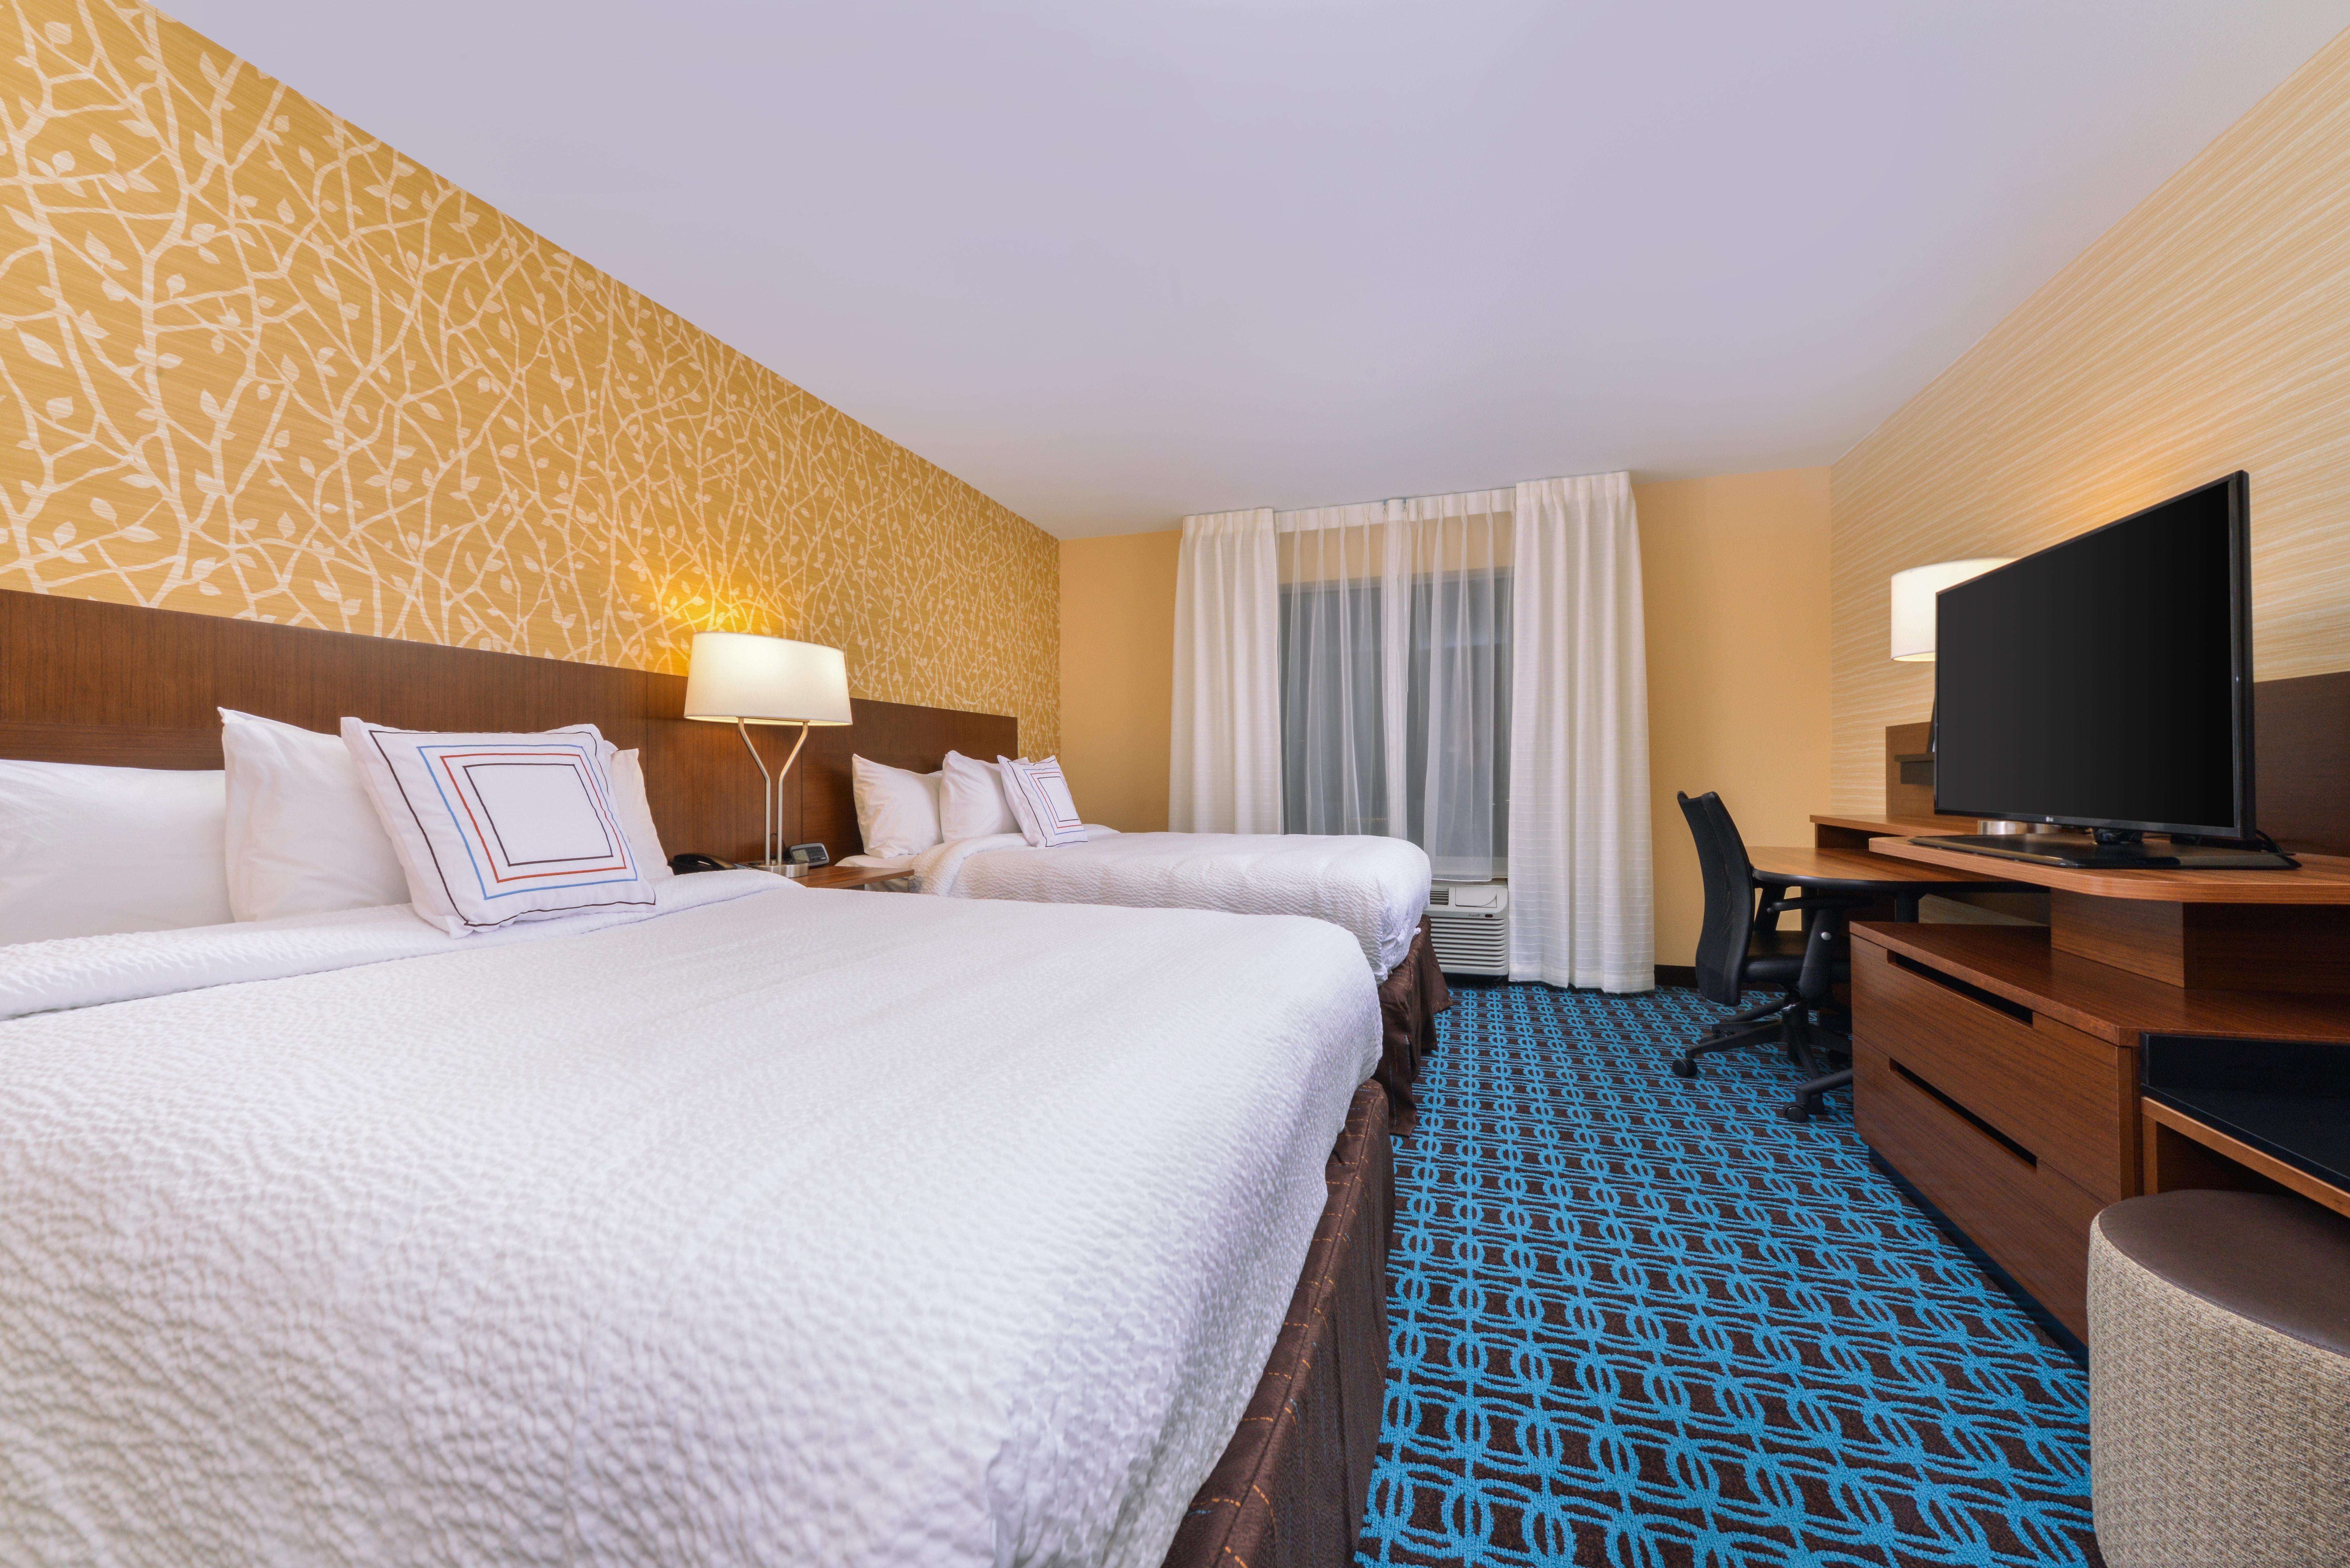 https://www.hotelsbyday.com/_data/default-hotel_image/3/16057/fis-cidco-2queen2.jpg